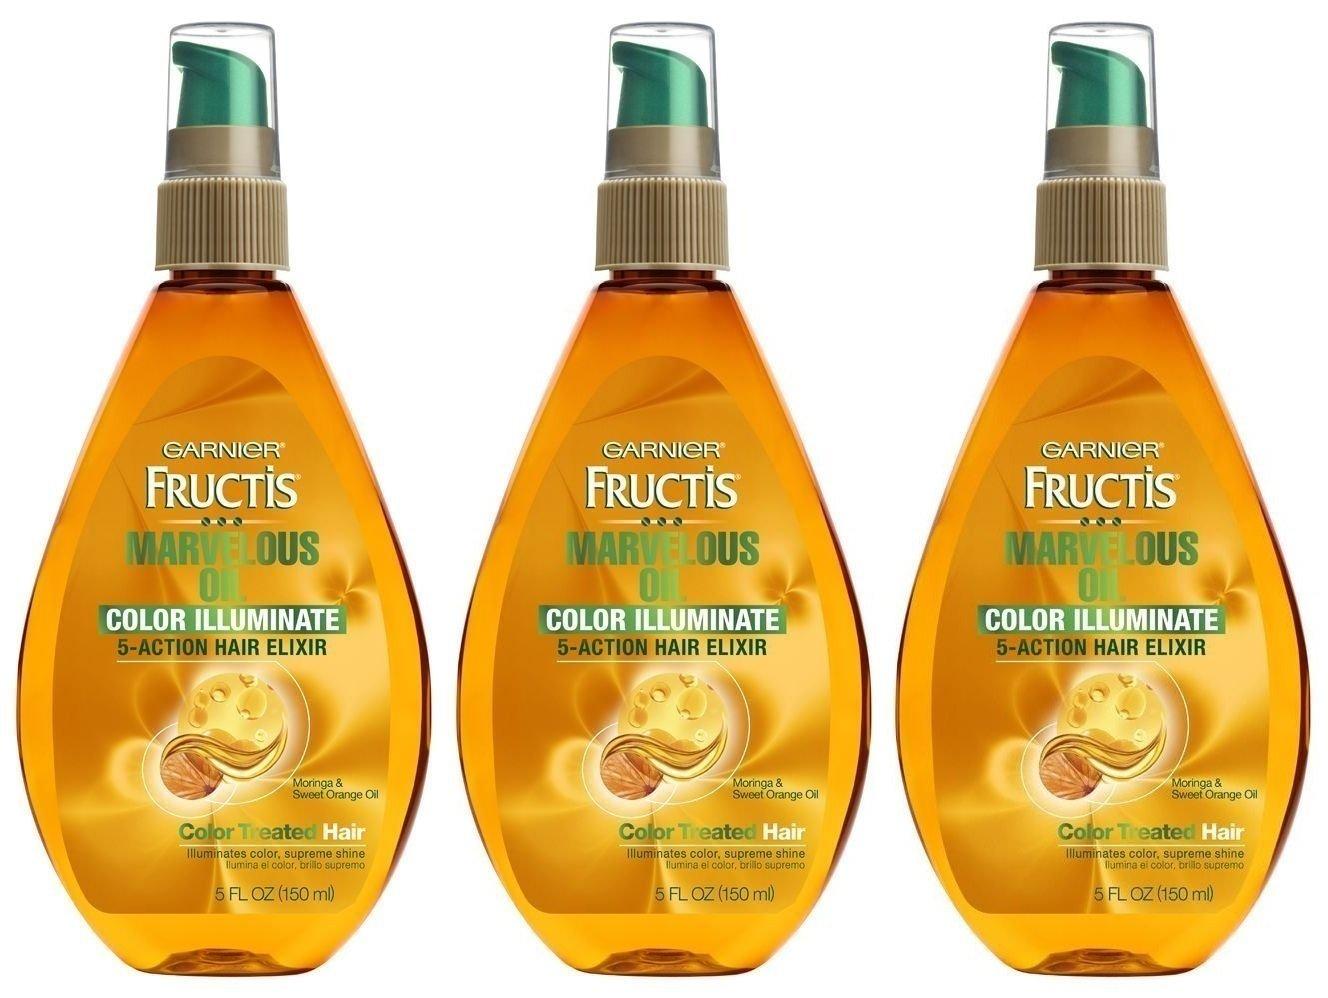 Amazon Garnier Fructis Marvelous Oil Color Illuminate 5